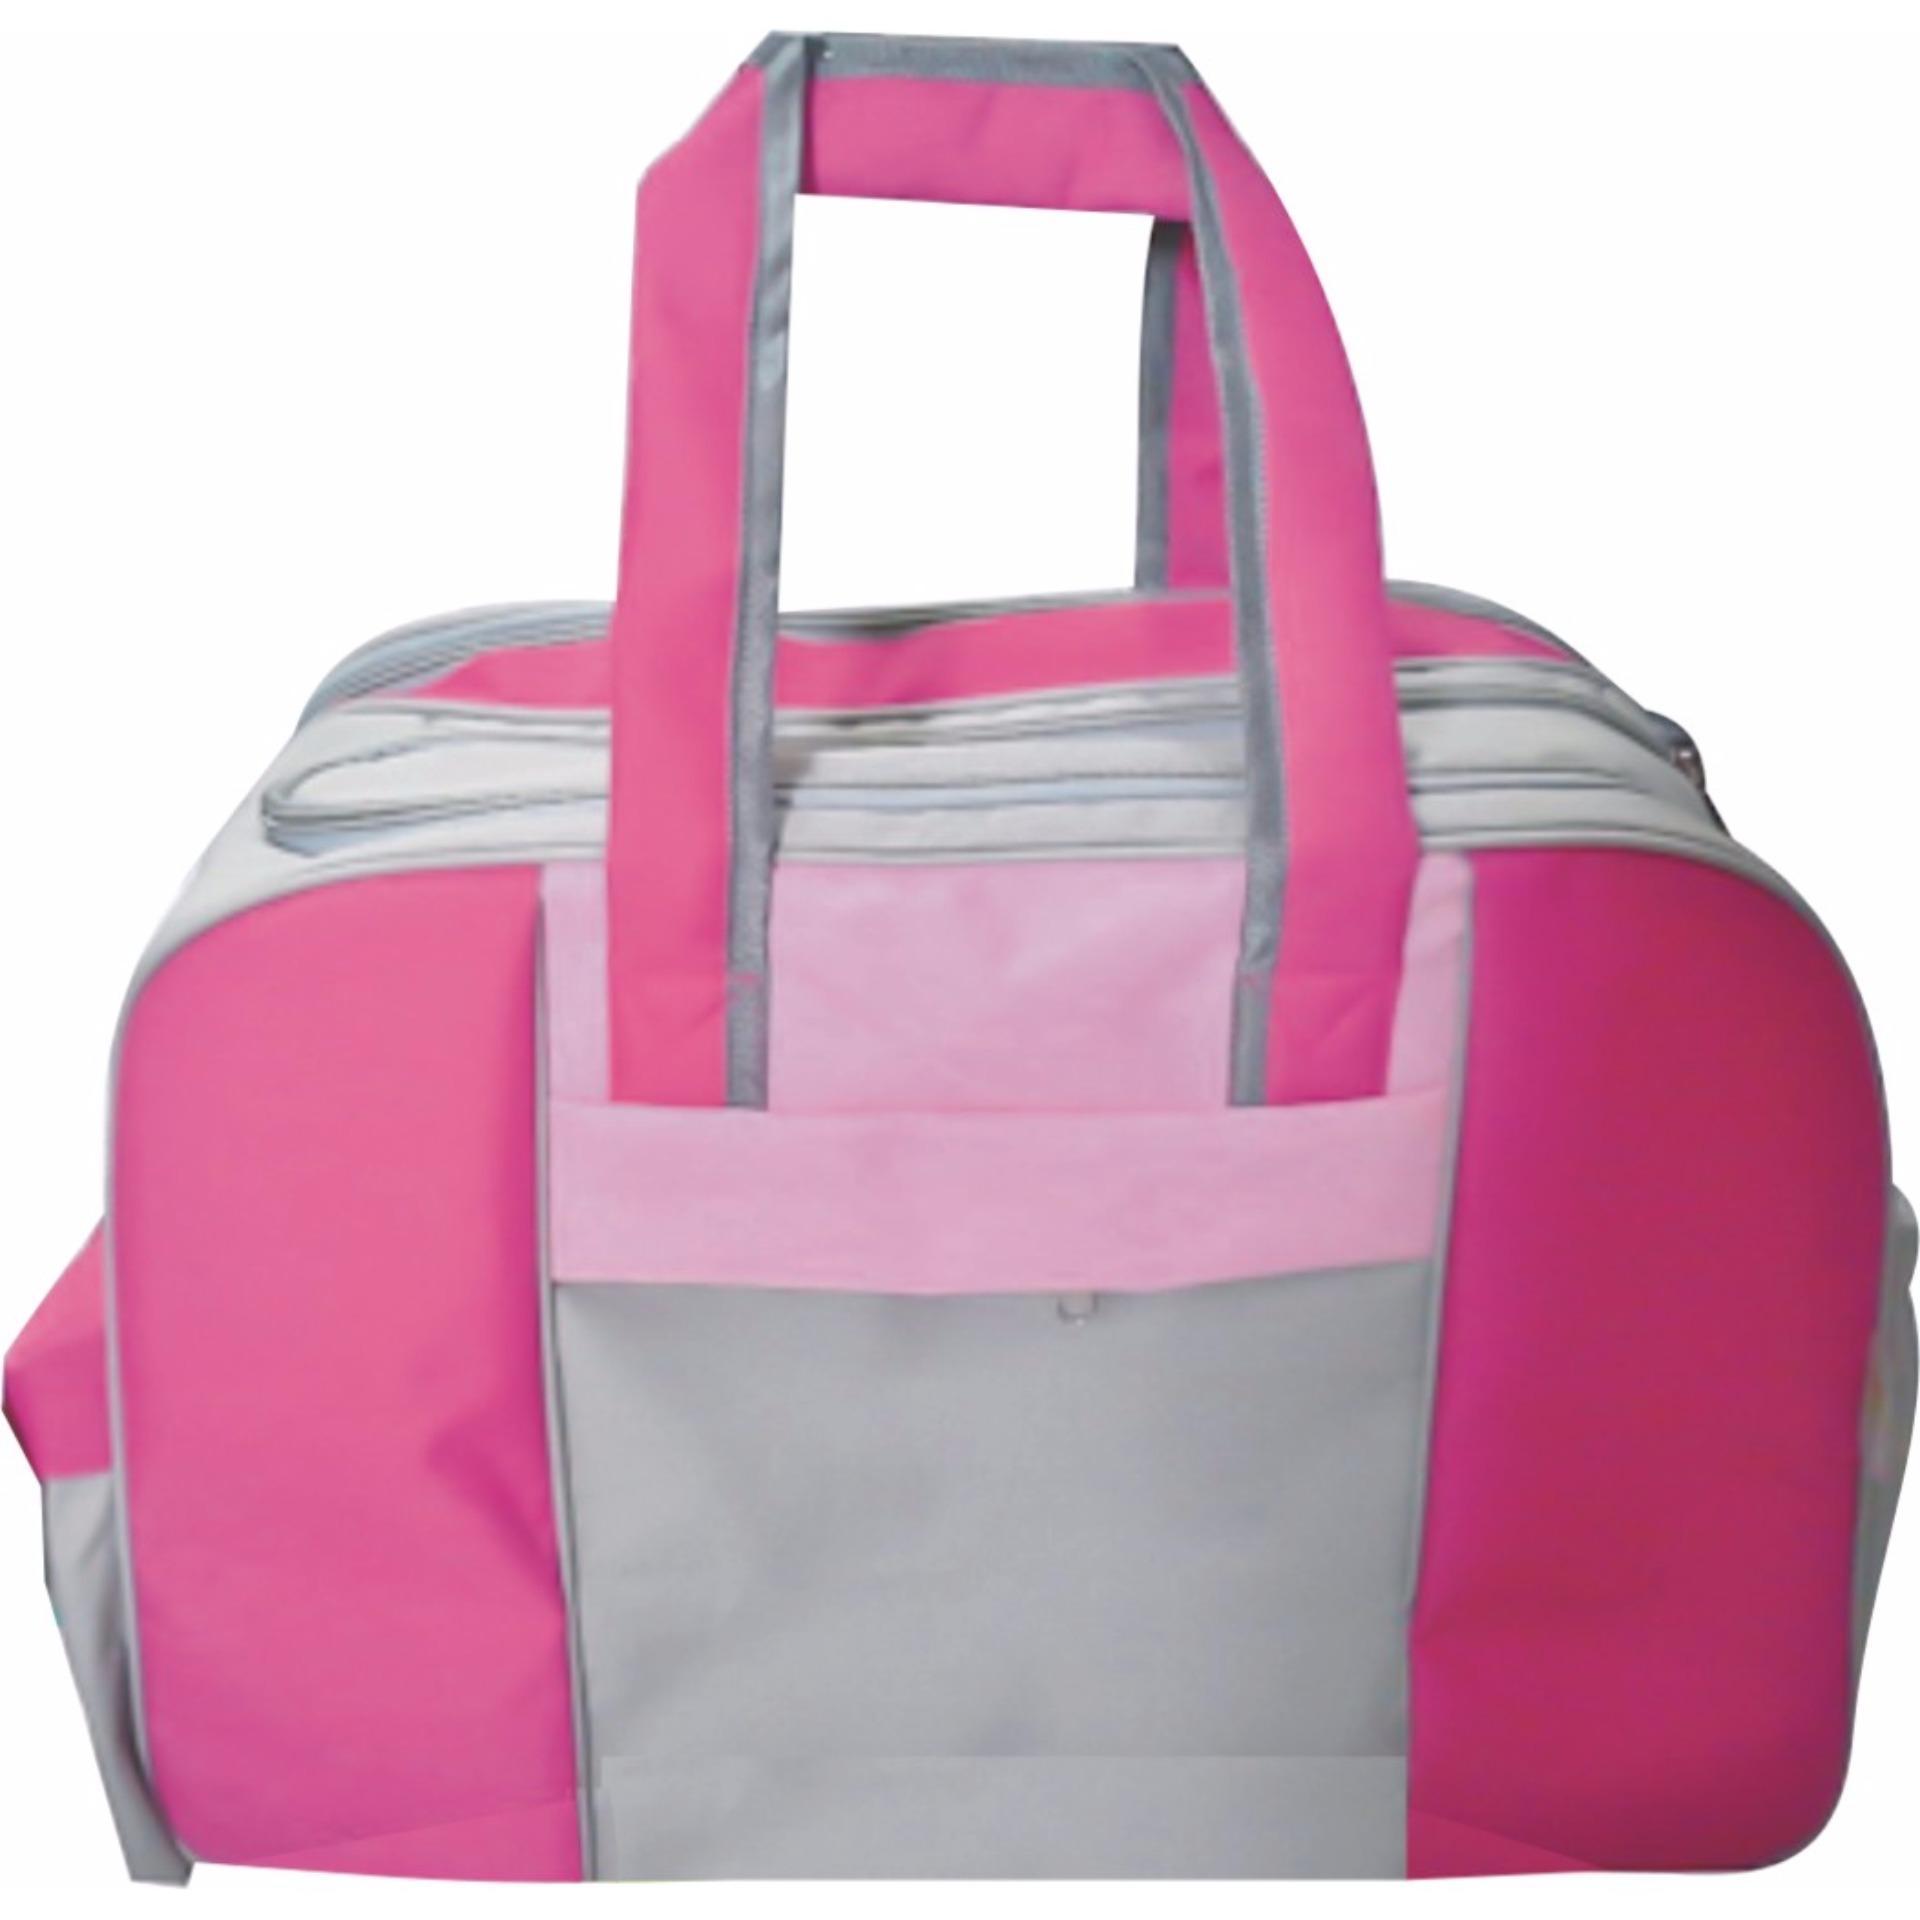 Toko Emwe Travel Baby Bag Organizer Large Tas Botol Susu Bayi Balita Diaper Travell Magenta Pink Jawa Tengah